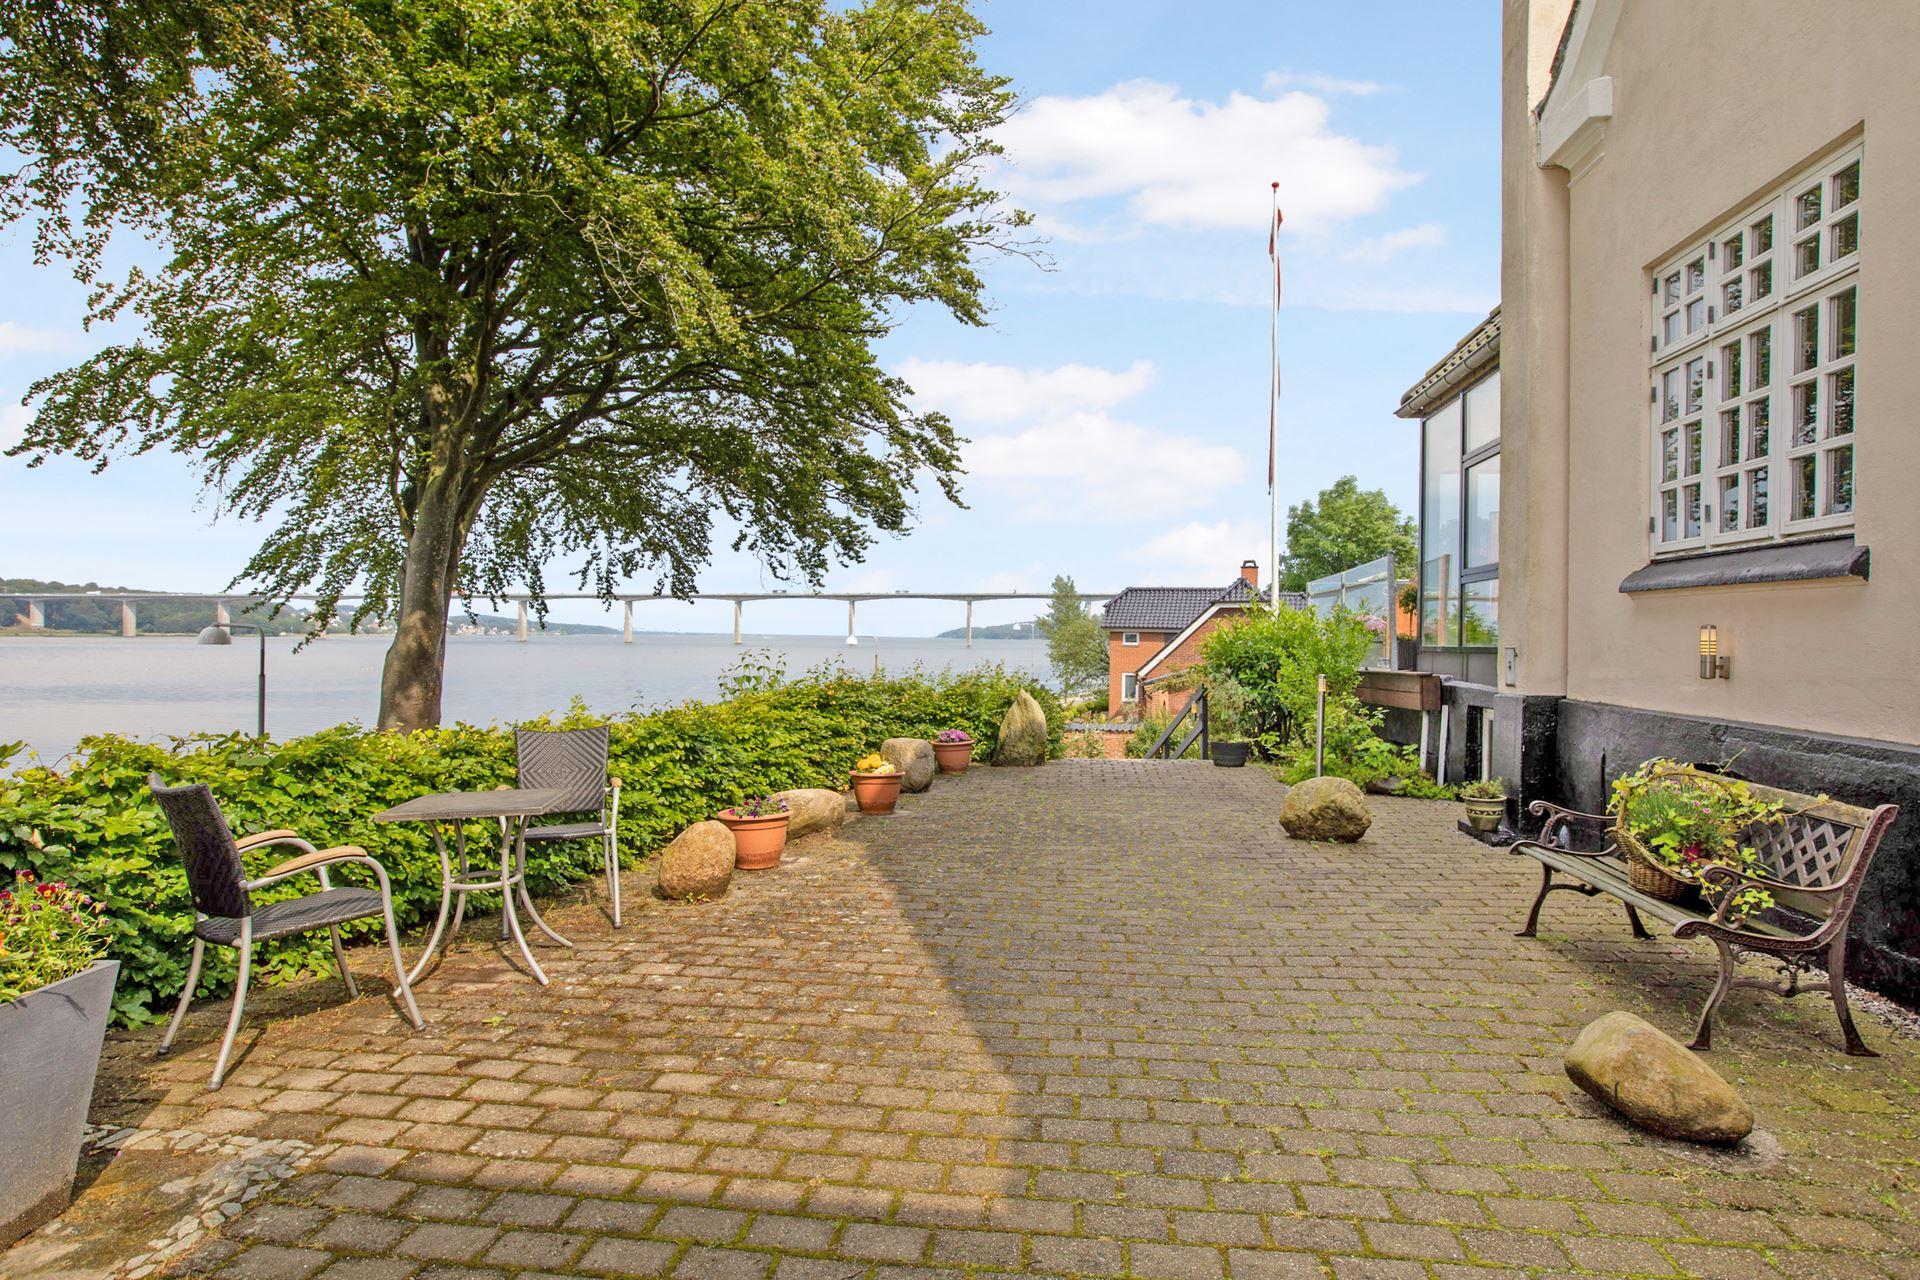 Ibæk Strandvej 74, 7100 Vejle